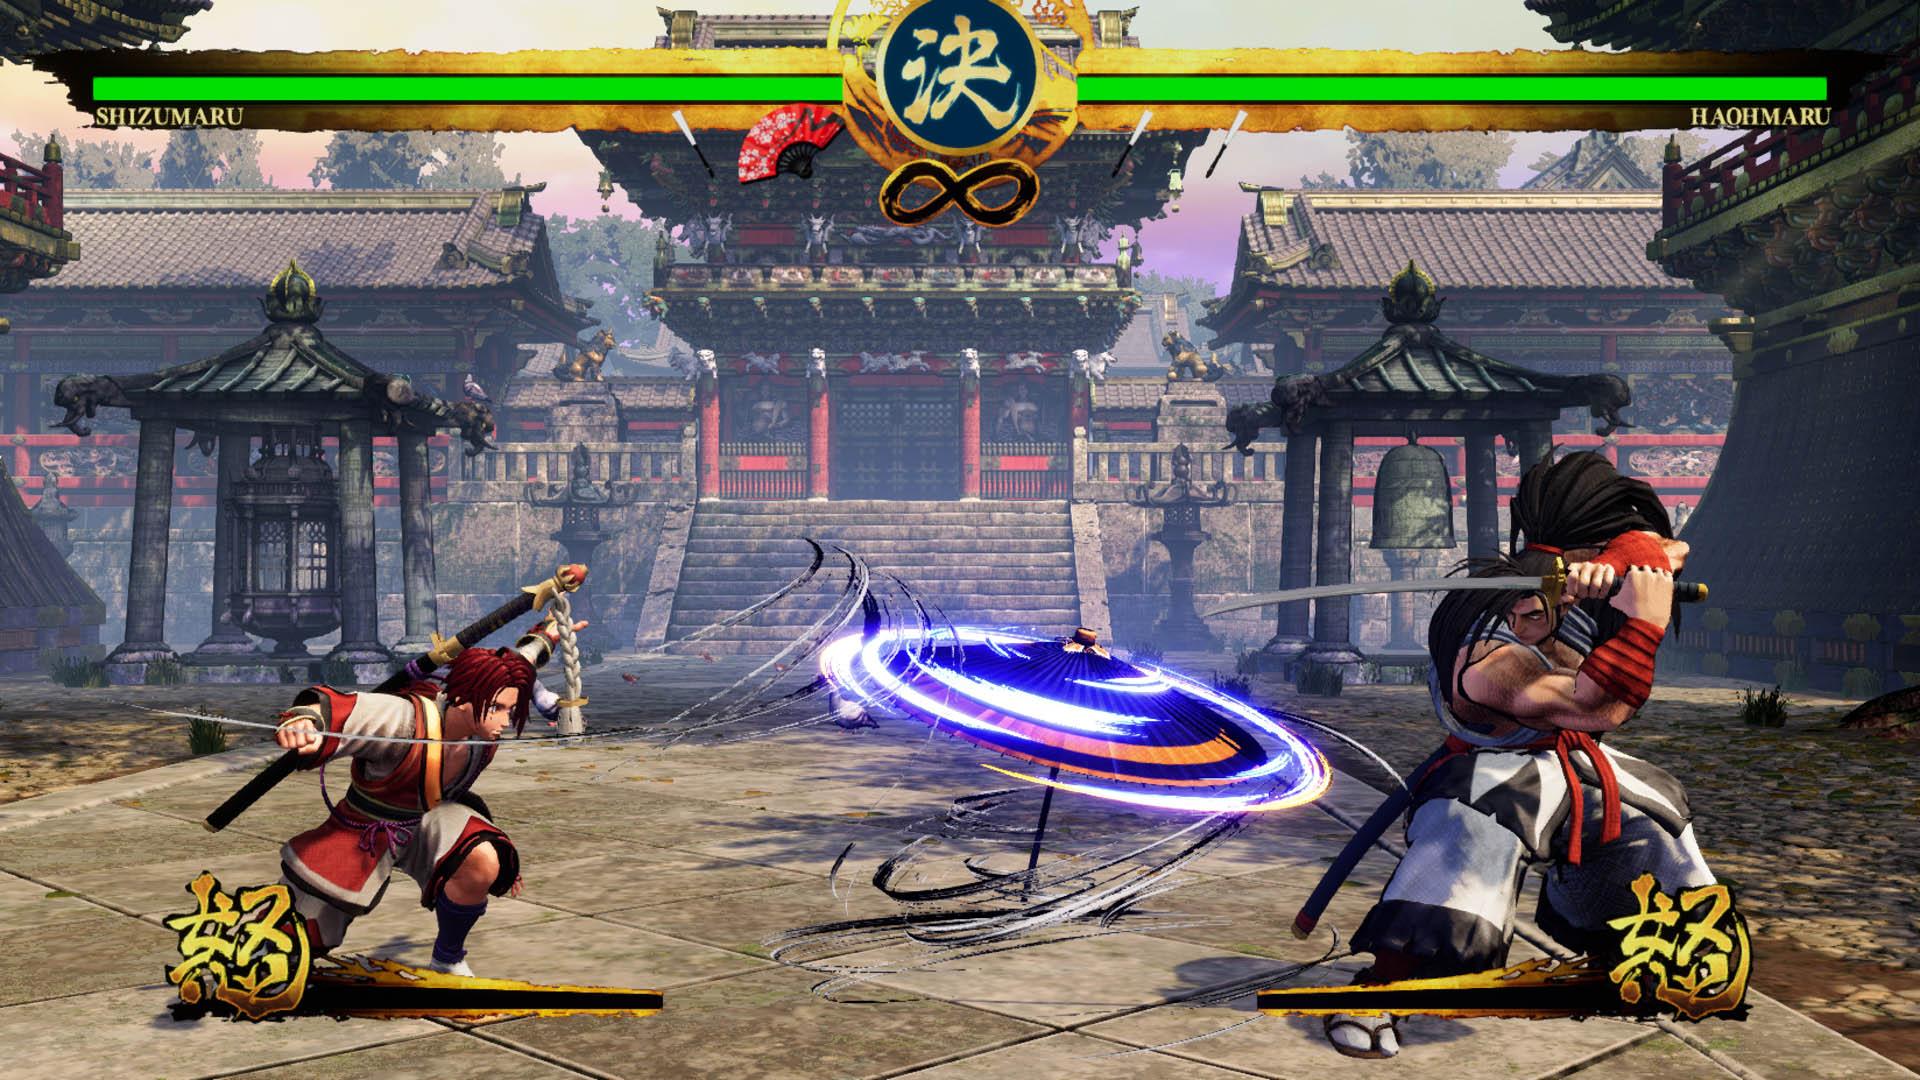 遊戲 - PlayStation®4/Xbox One平台劍戟對戰格鬥遊戲《SAMURAI SHODOWN》 免費DLC追加角色「緋雨 閑丸」9月17日開放下載! _310